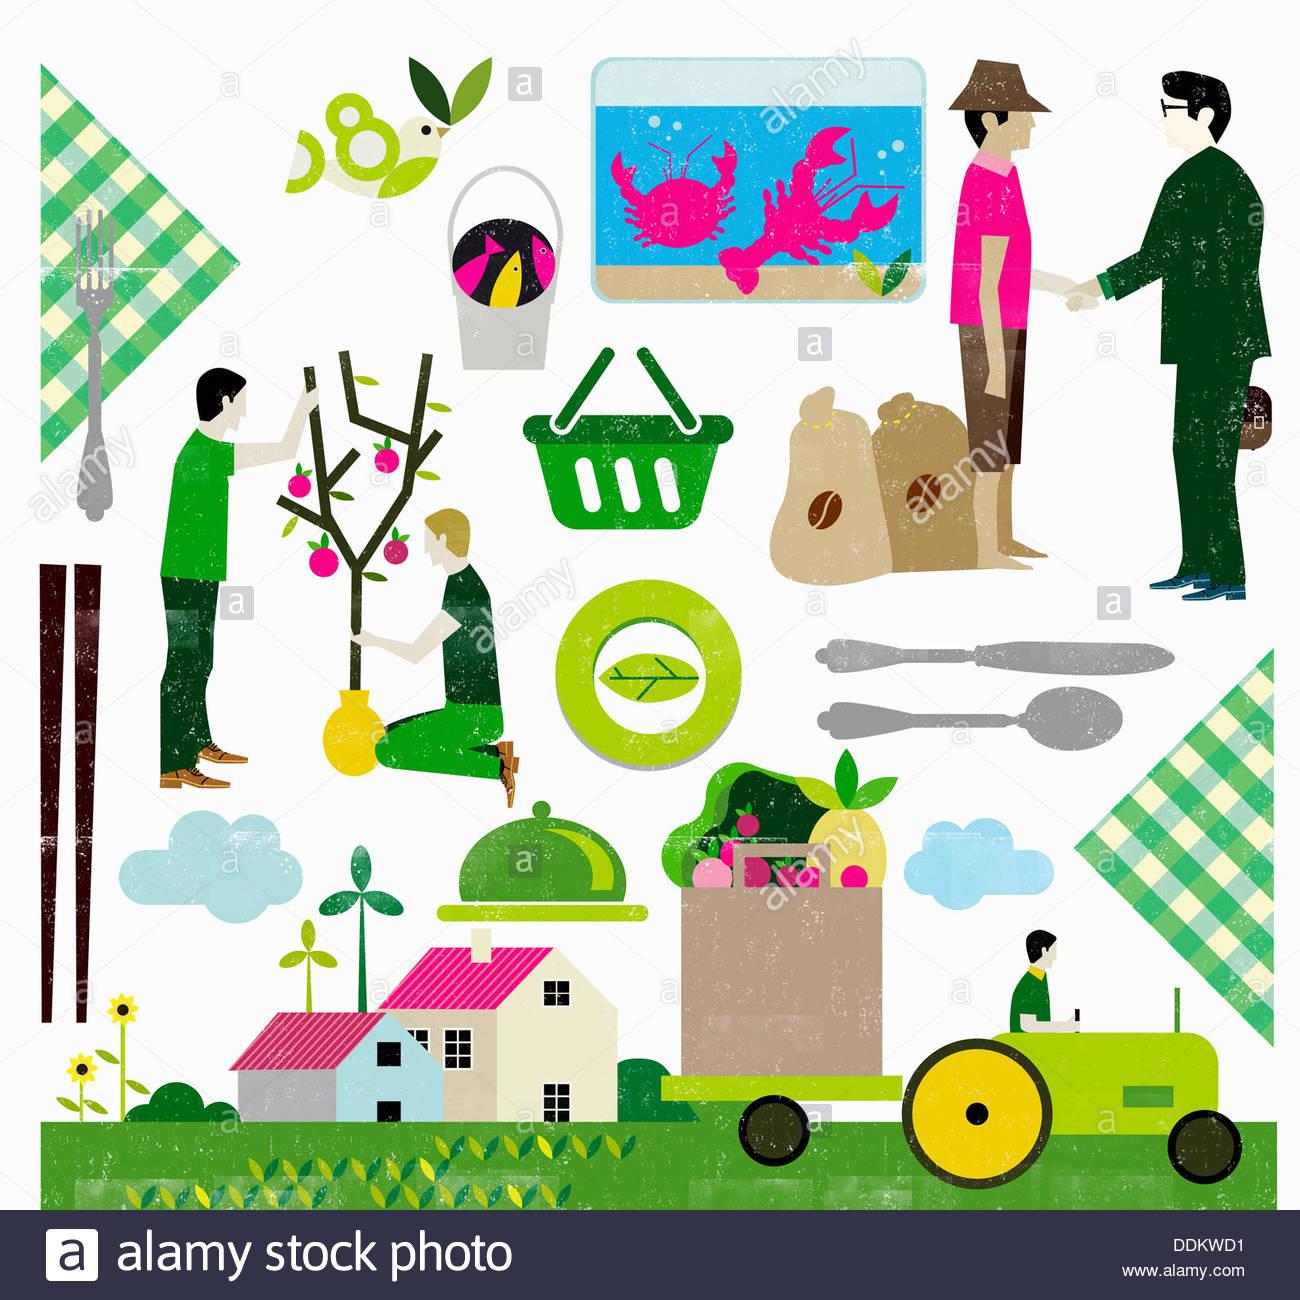 La production alimentaire respectueuse de l'environnement Photo Stock